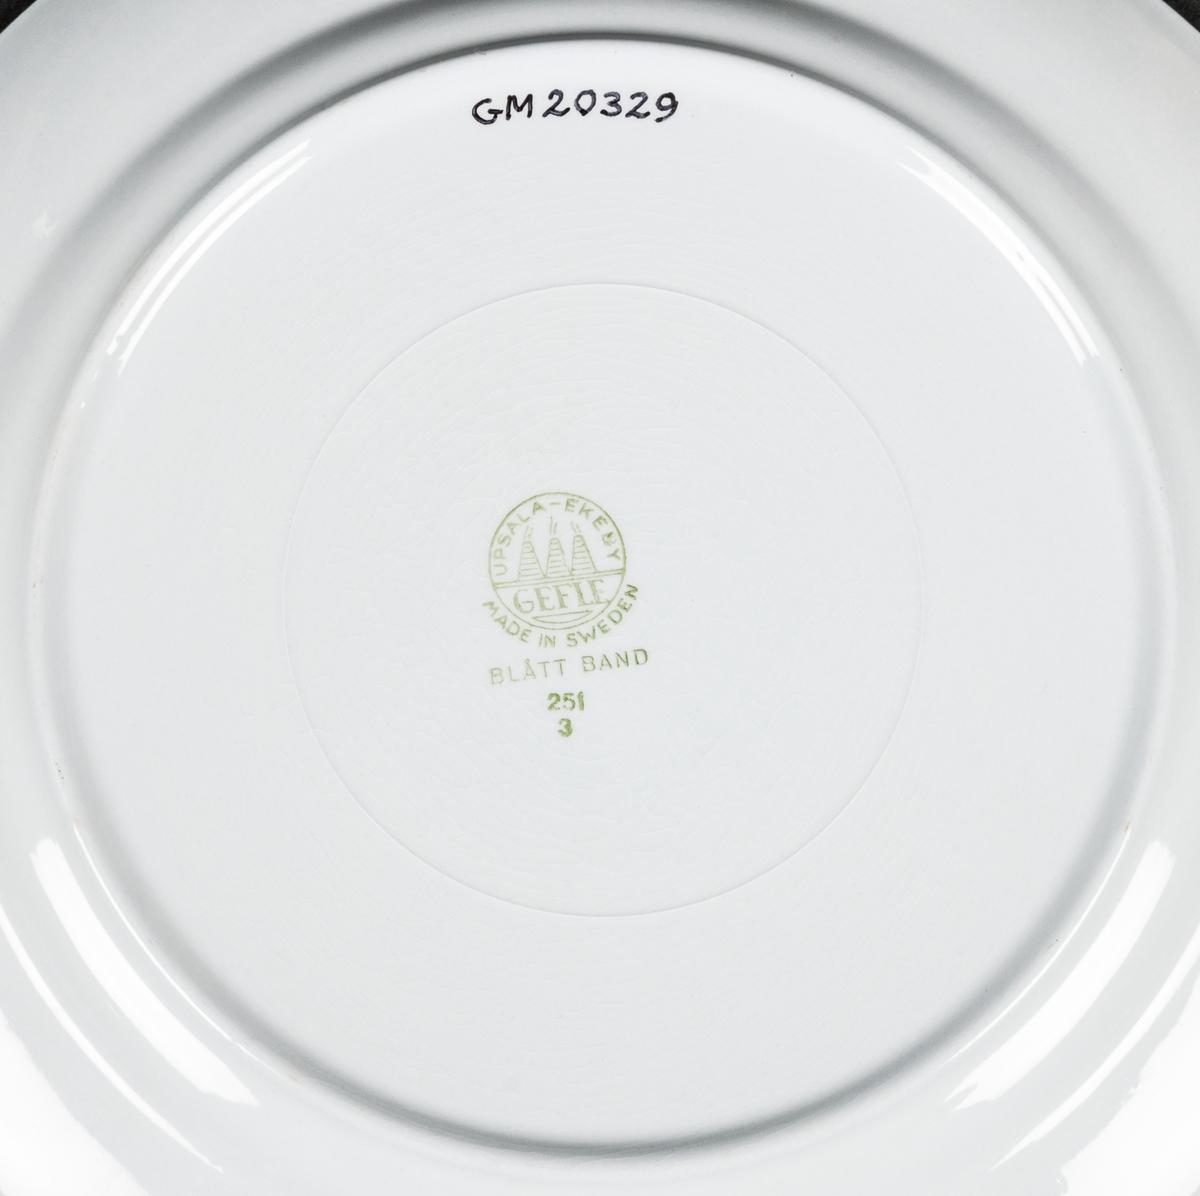 """Tallrik, flat, av flintgods, modell -F, formgiven av Arthur Percy för Gefle Porslinsfabrik. Låg med stor spegel och liten bräm, stor fotring. Dekor """"Blått Band"""" med handmålad, blå bladrosett på blåtonad fond. Blått band efter kant. Dekor av Percy. Grön skorstensstämpel under med text """"Upsala-Ekeby Gefle Made in Sweden Blått Band 251/3""""."""